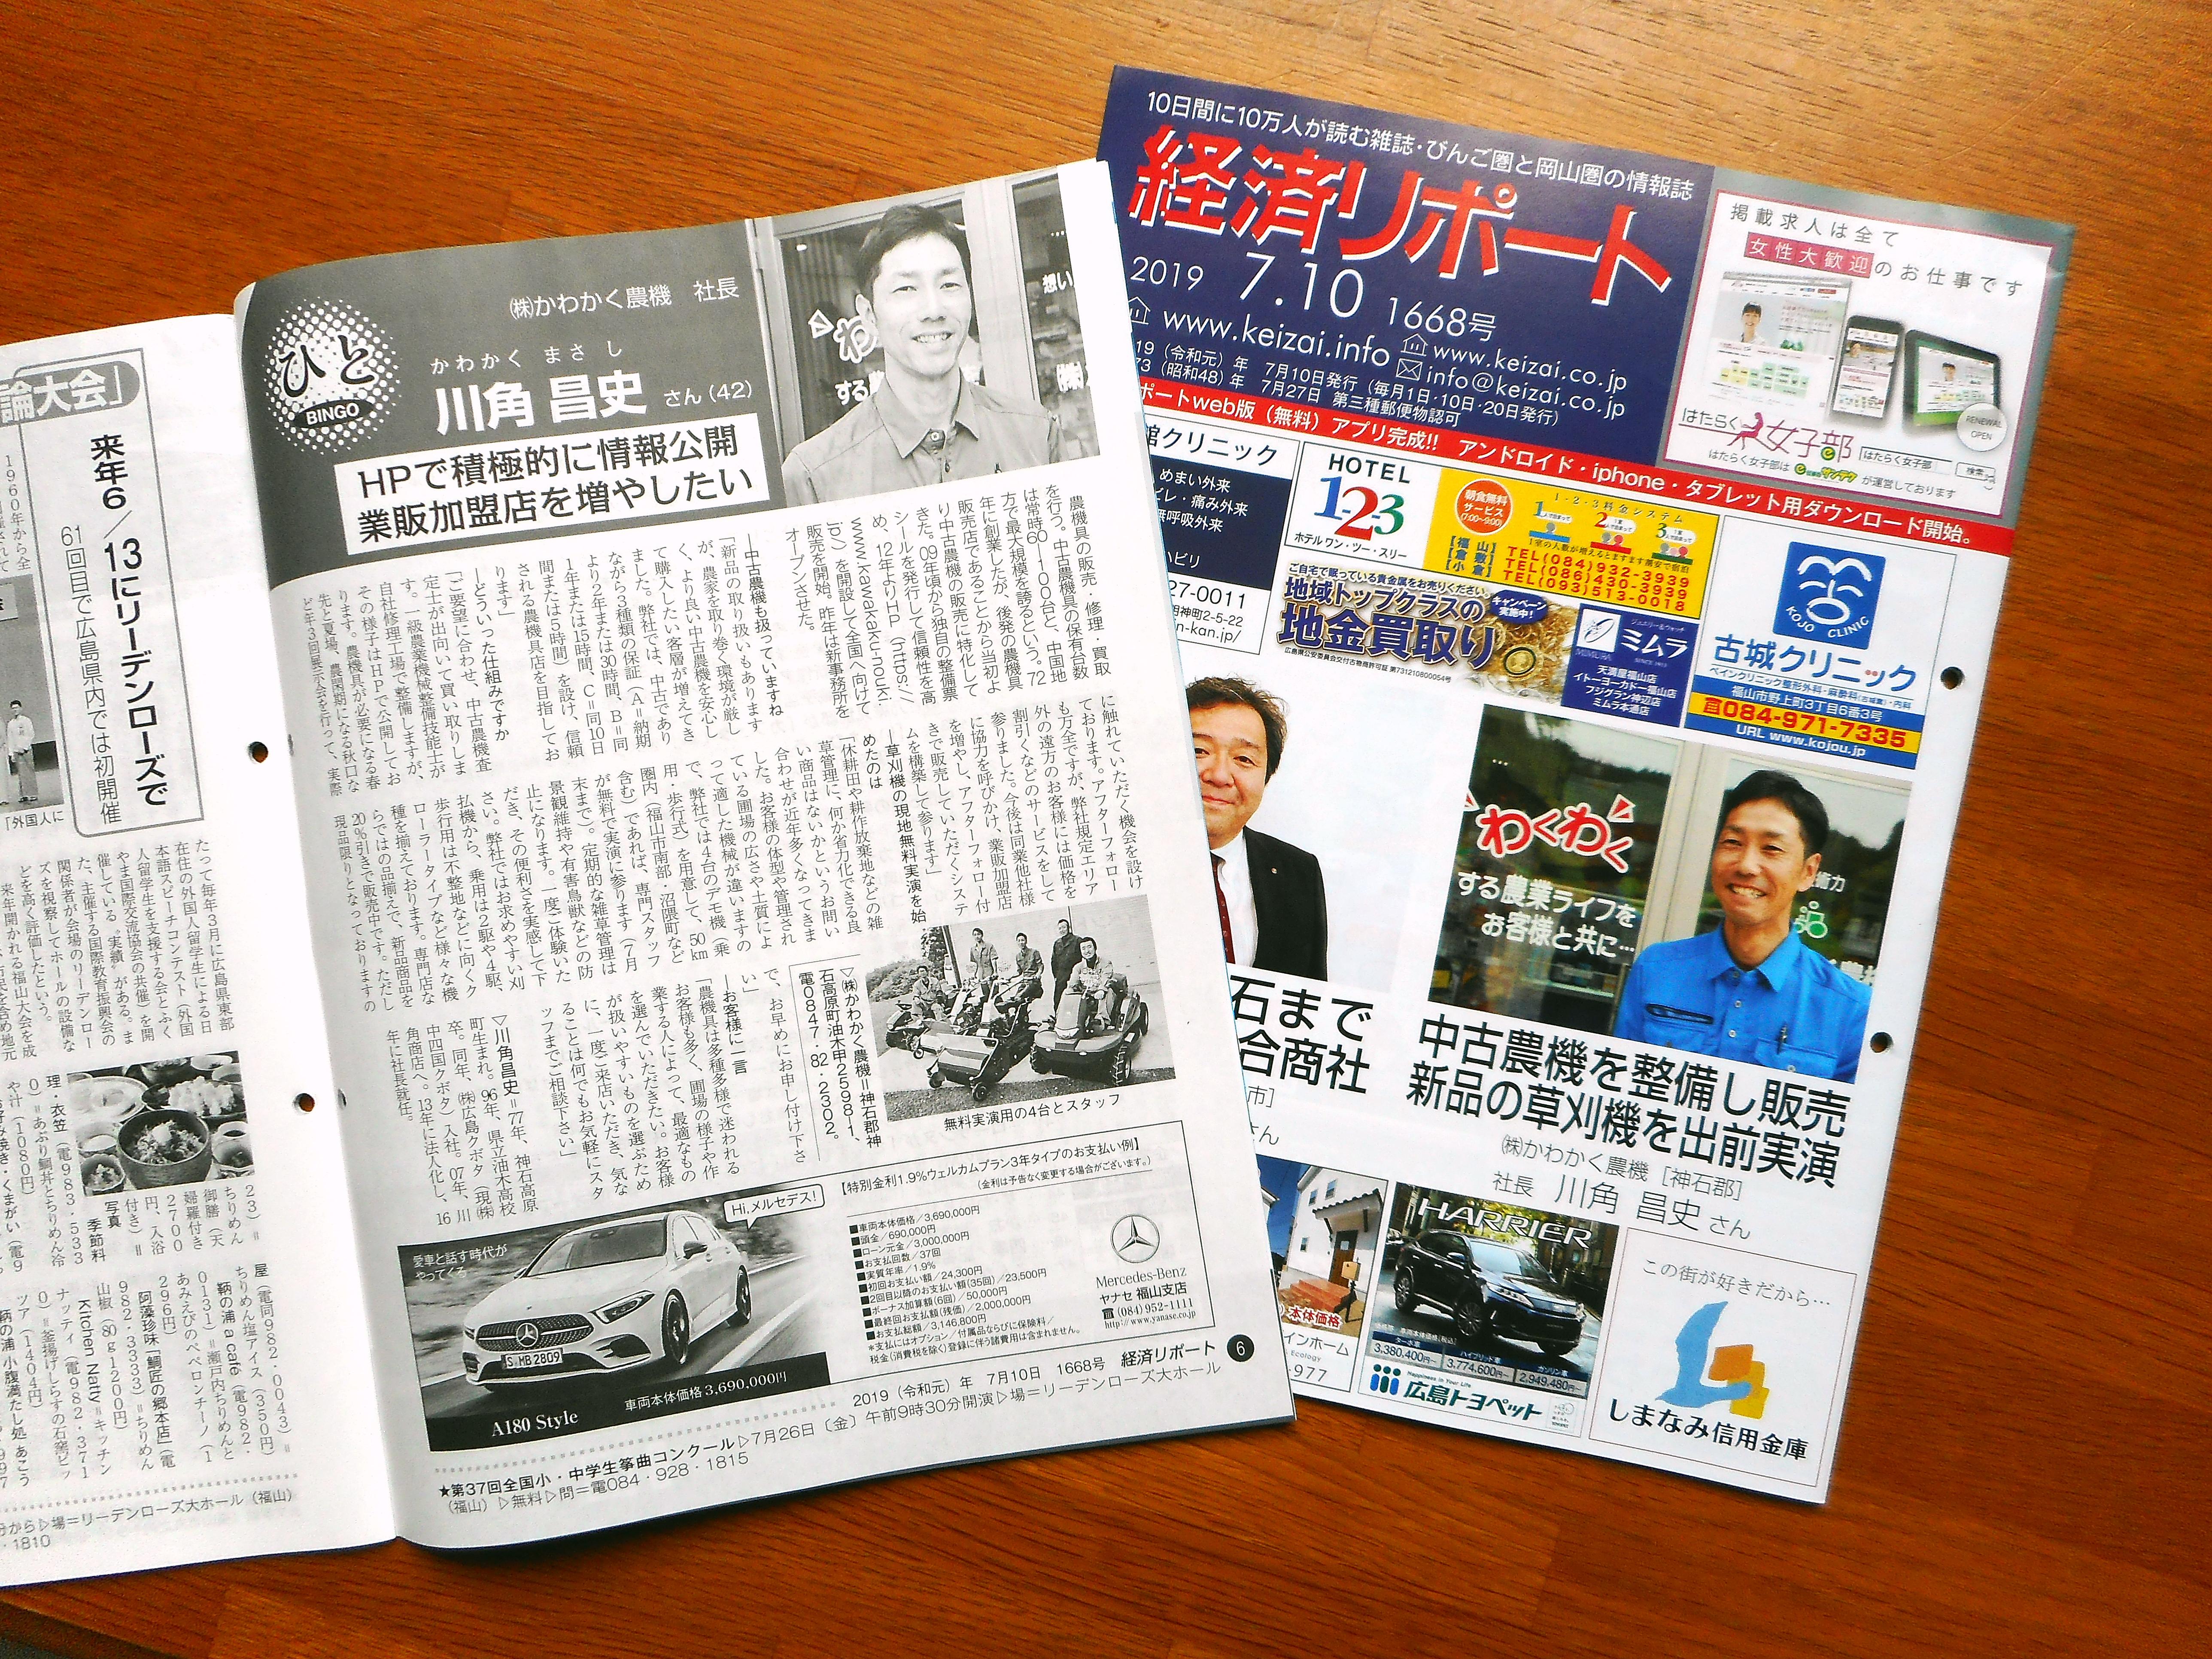 経済リポート2019/7/10号に取材記事が掲載されました!草刈機無料で実演します!!